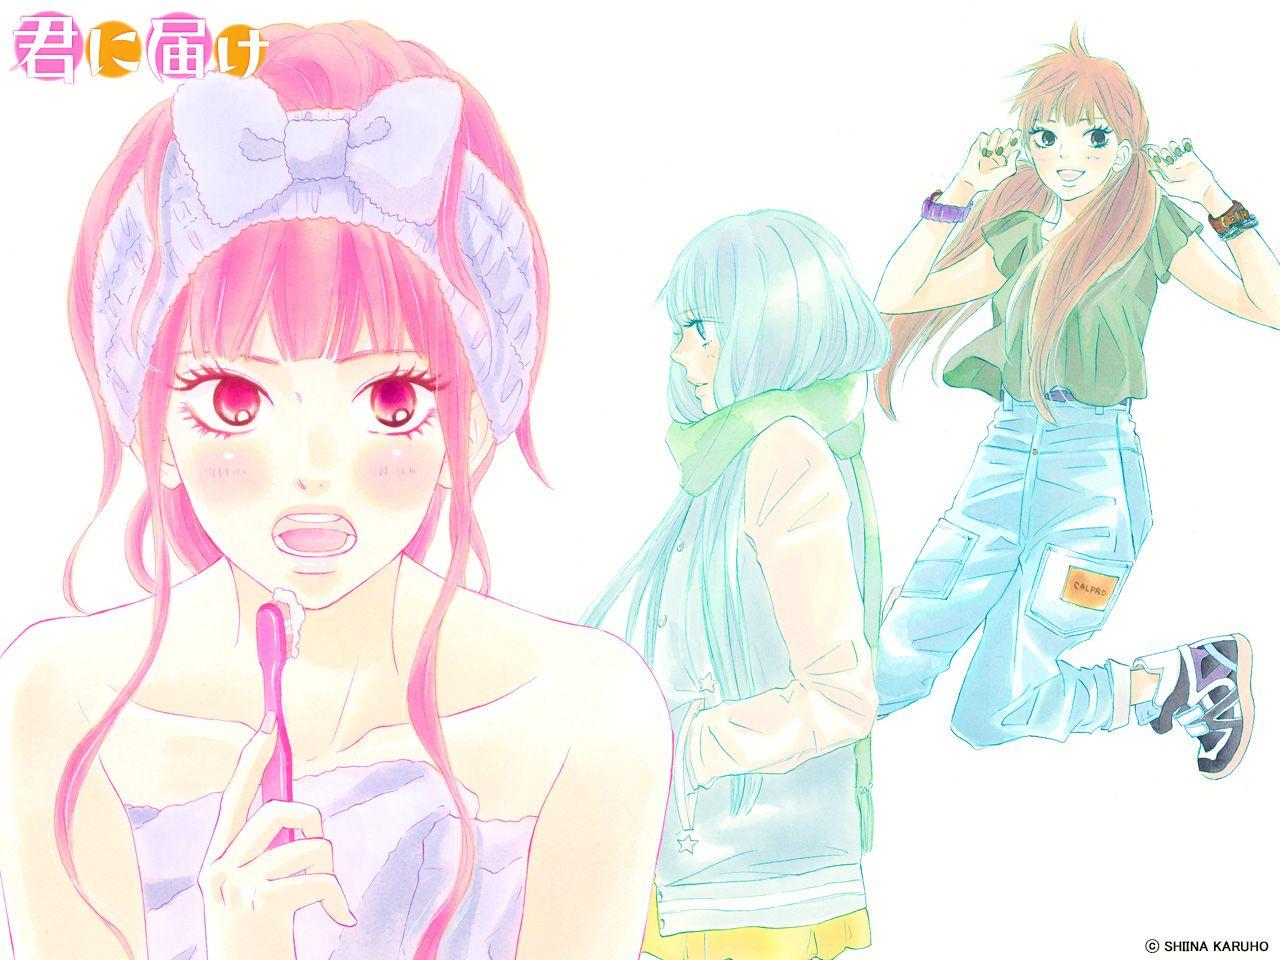 Download Kimi ni Todoke (1280x960) Minitokyo Kimi ni